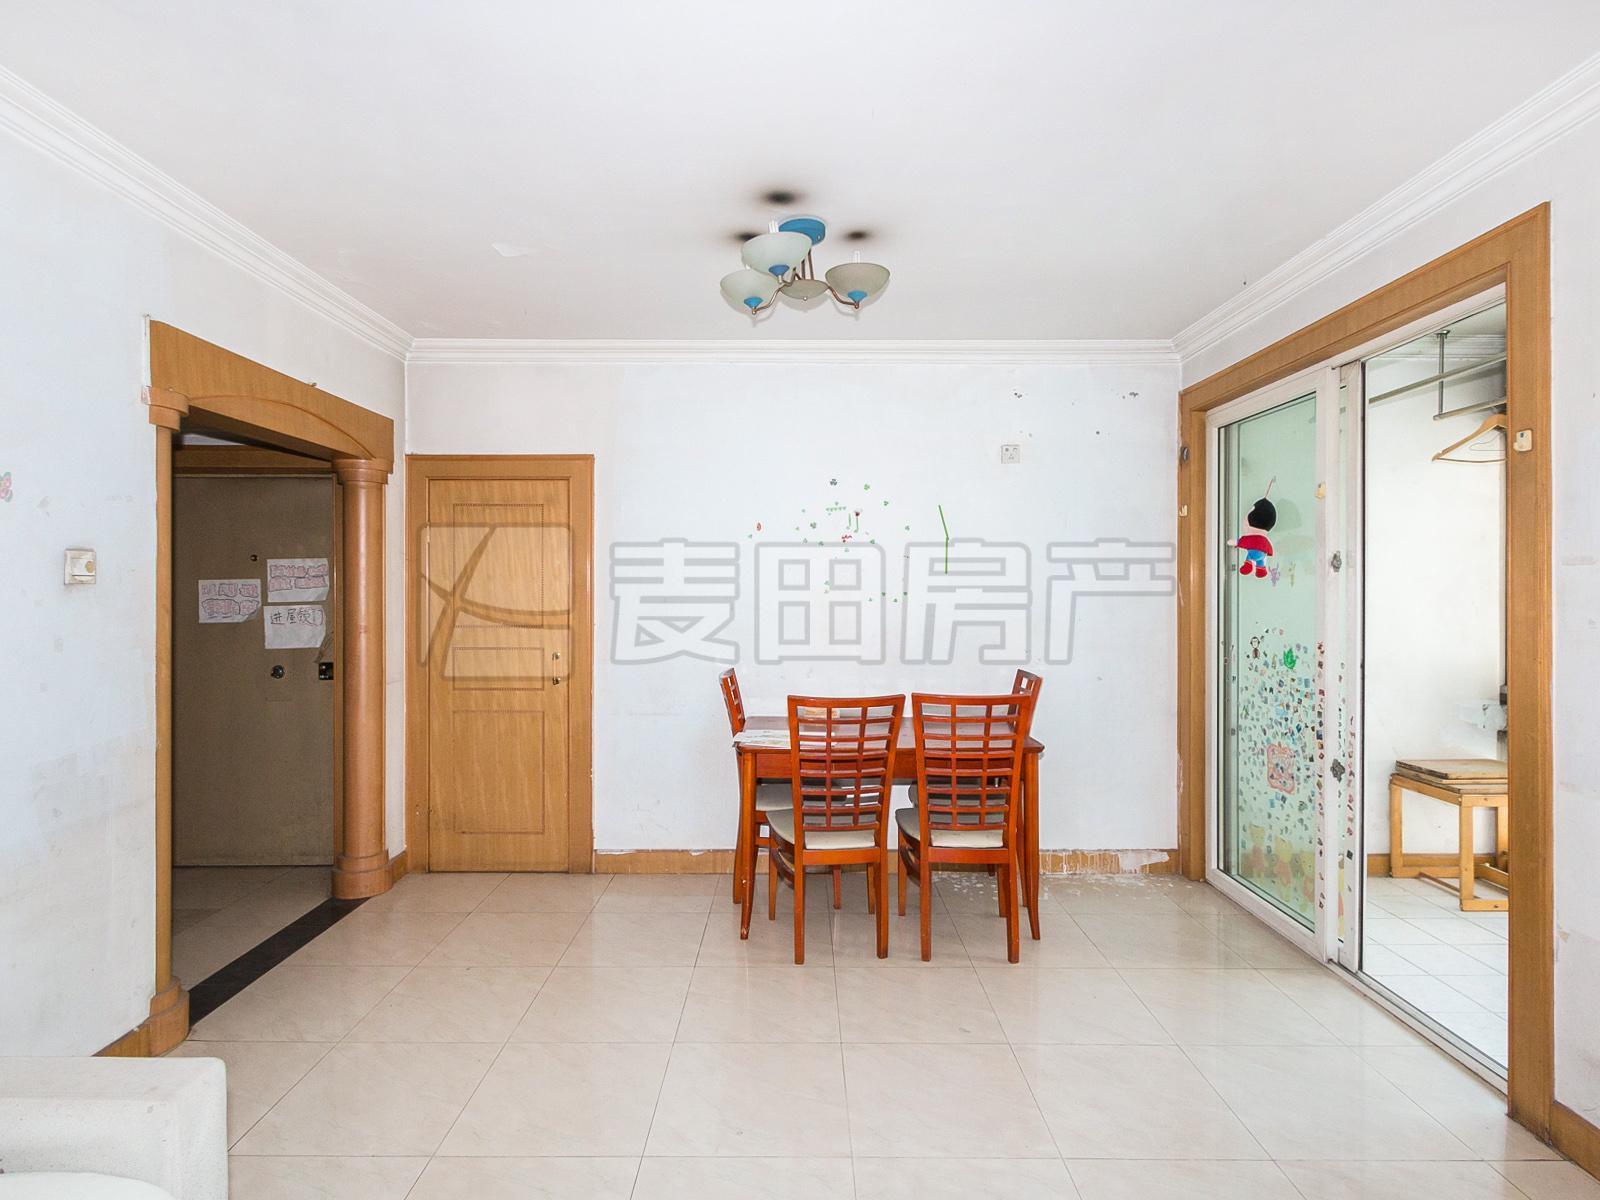 龙泽苑+两居室+南北通透+满五年+有钥匙+低楼层+业主已订房